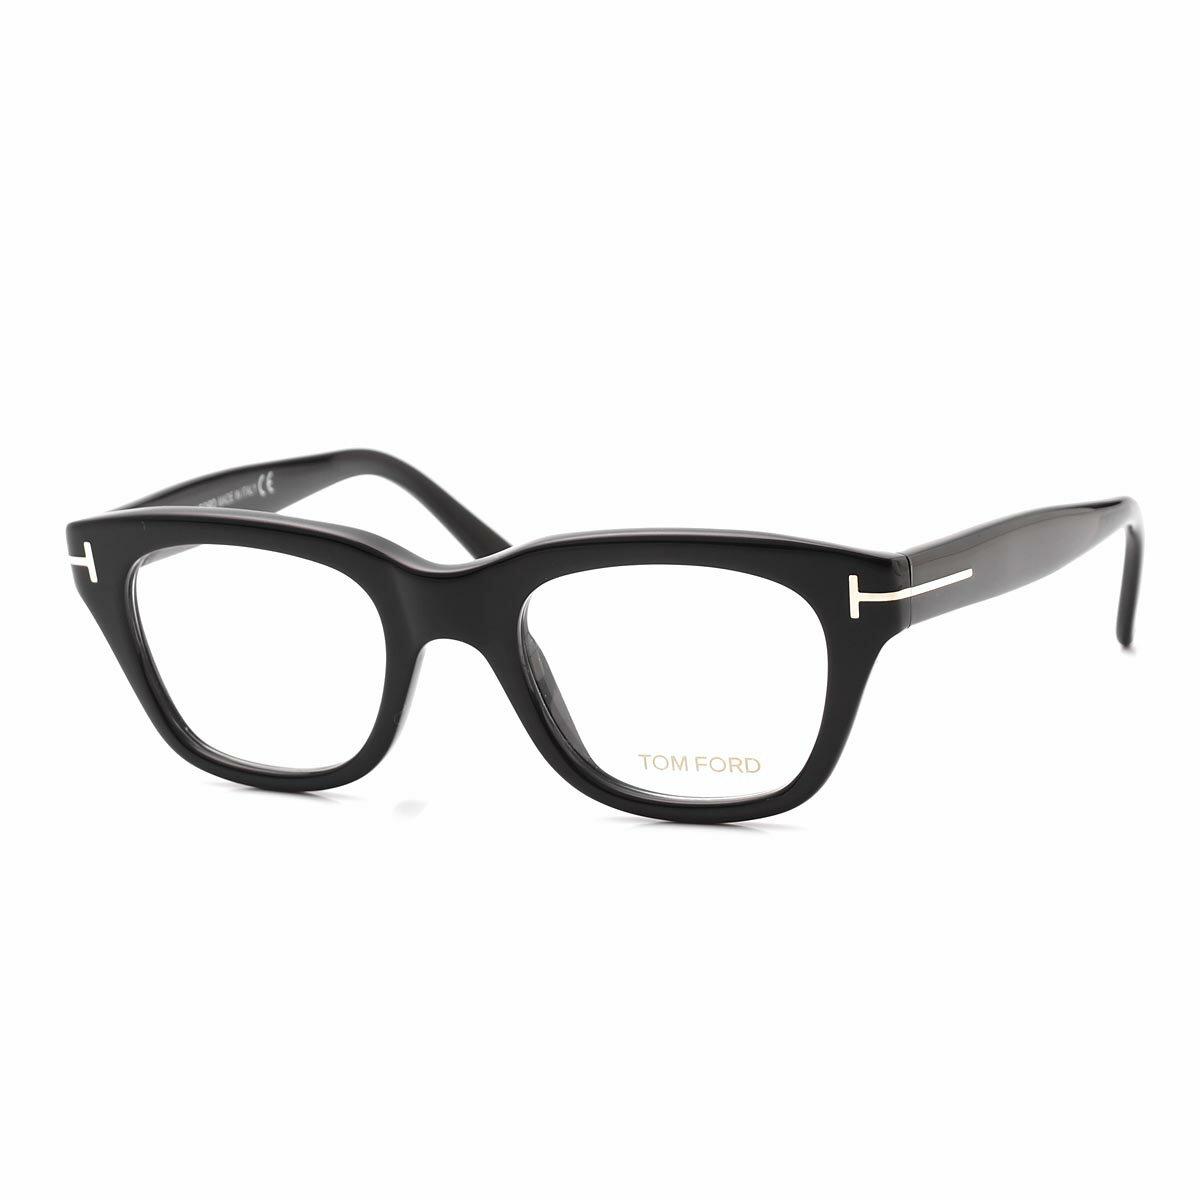 トムフォード TOM FORD 眼鏡 メガネ フレーム ブラック メンズ 黒 ft5178 001 TF5178 ウェリントン【ラッピング無料】【返品送料無料】【あす楽対応_関東】